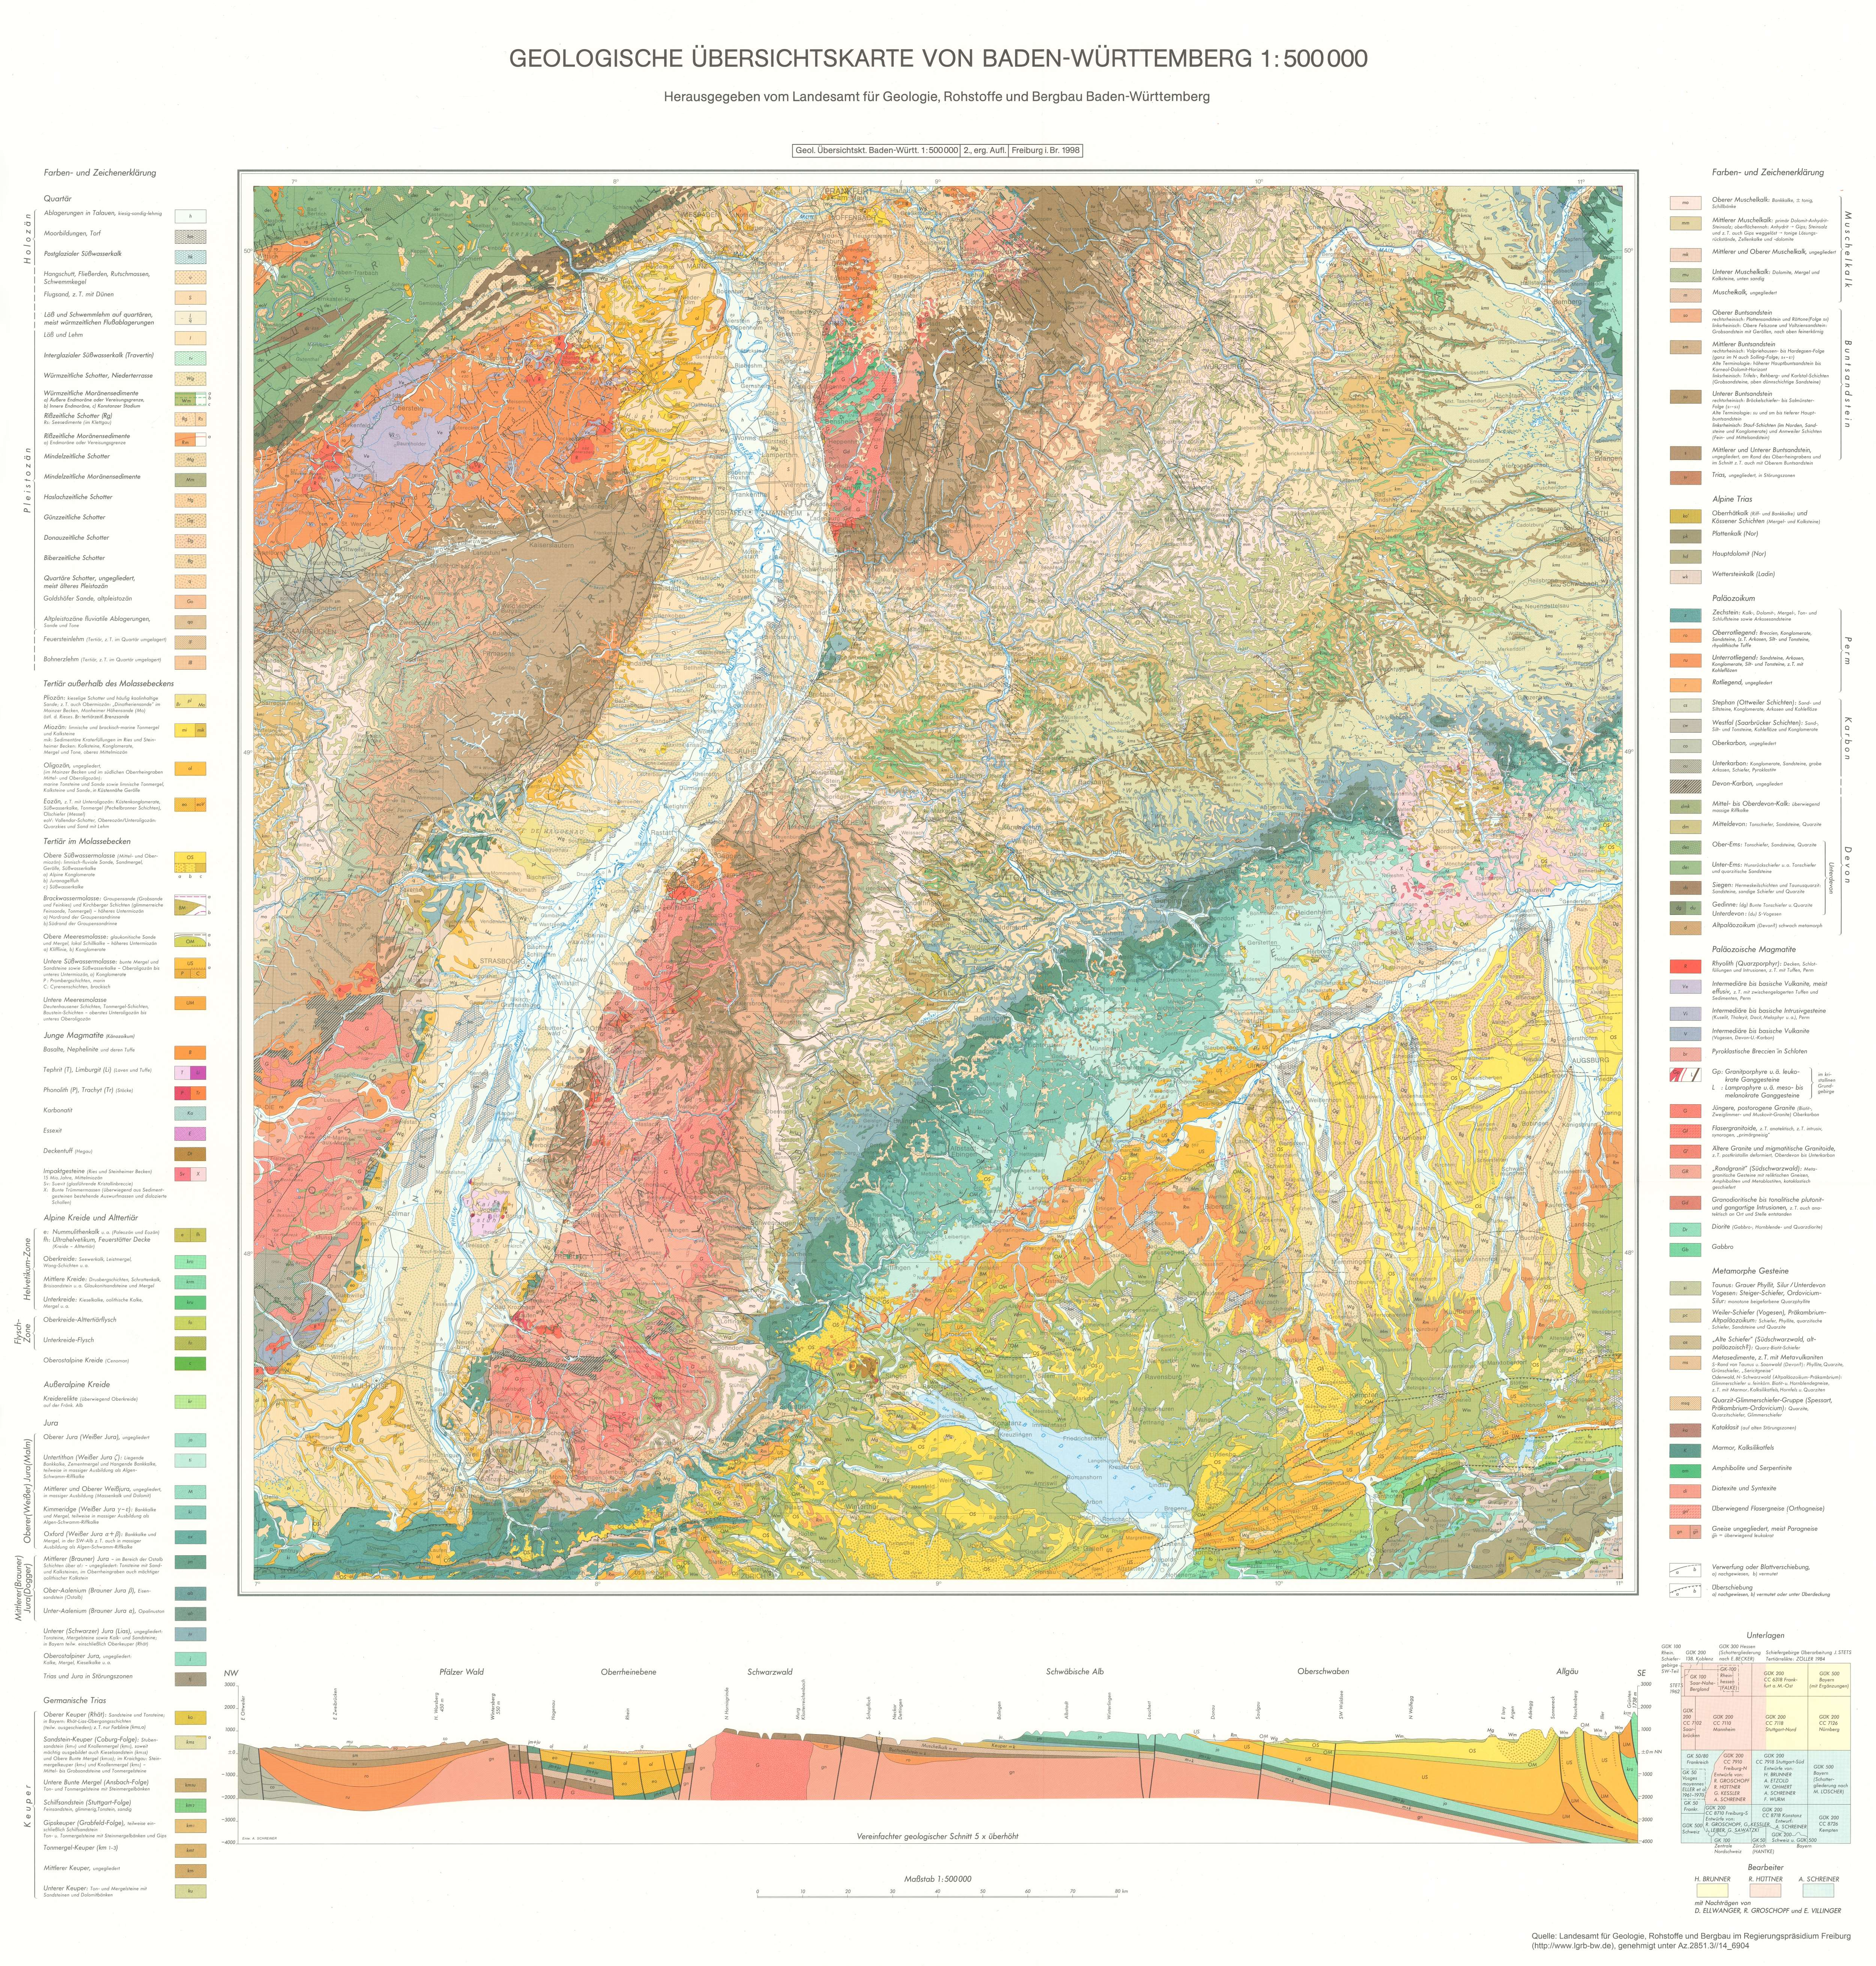 geologische karte baden württemberg Geologische Übersichtskarte von Süddeutschland   Detailseite   LEO BW geologische karte baden württemberg